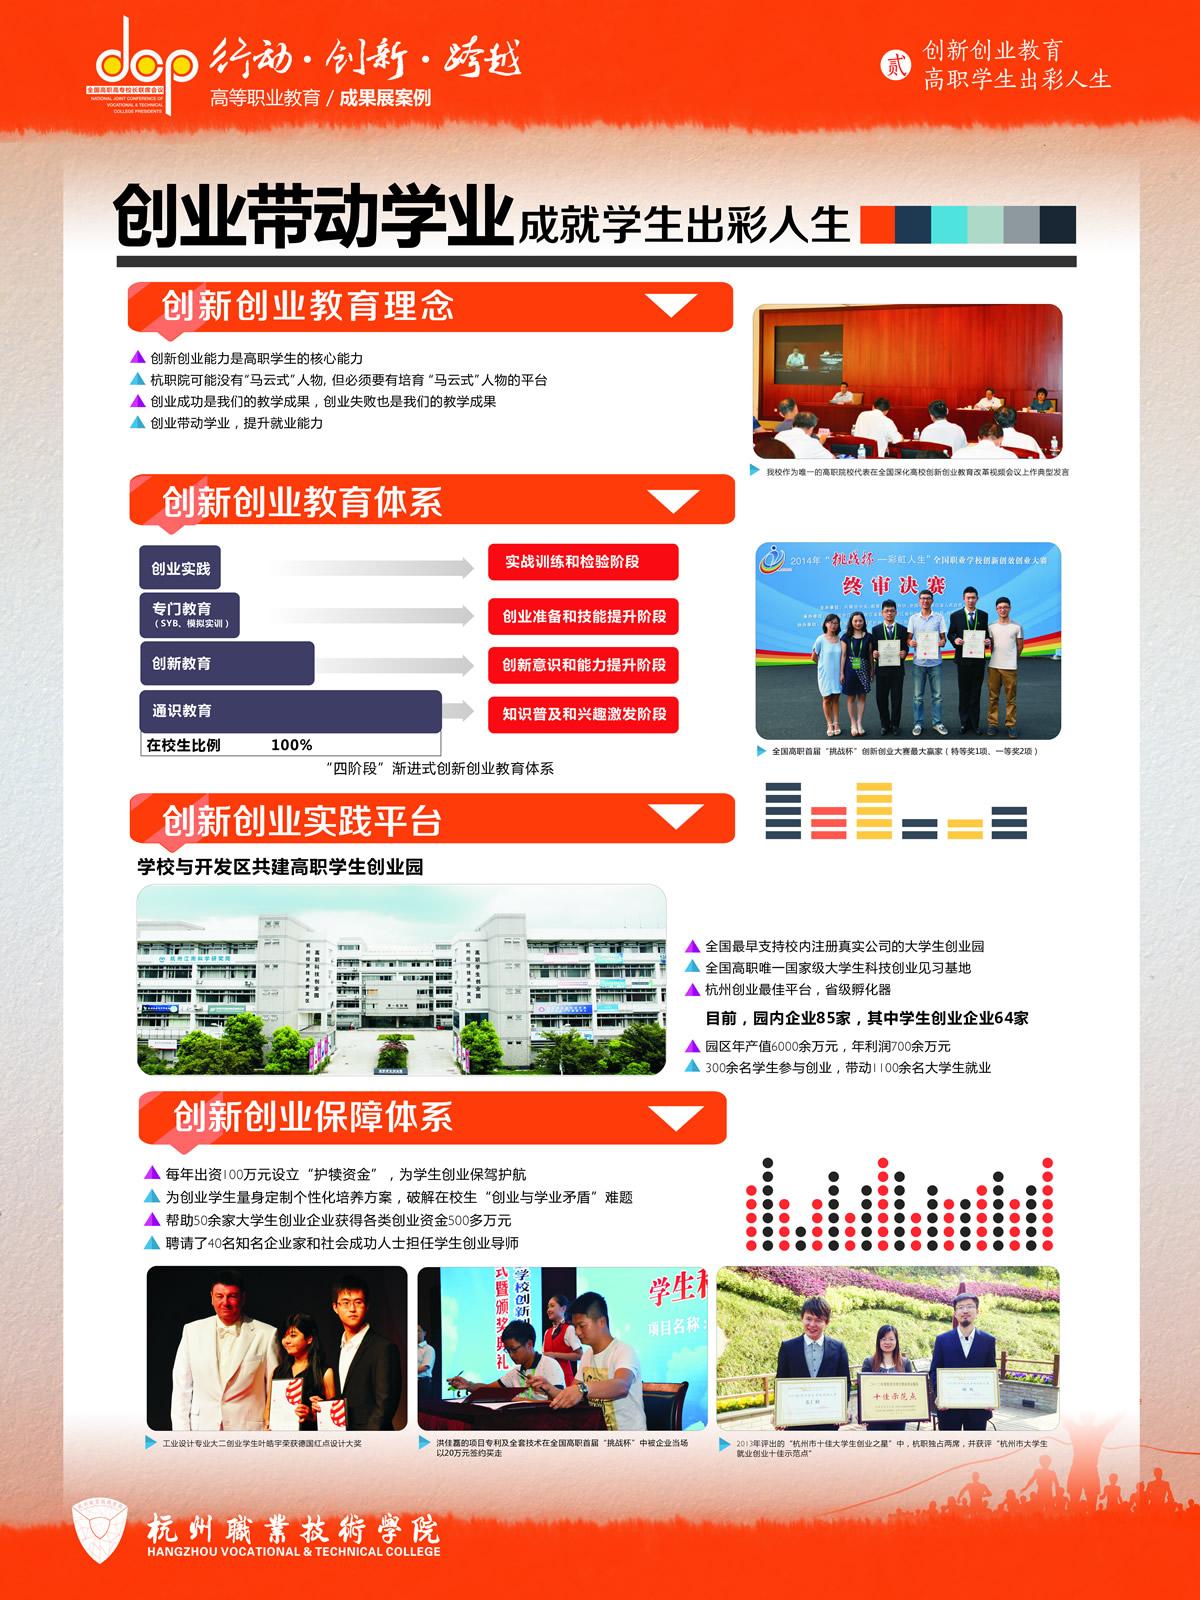 杭州职业技术学院 宣传展板